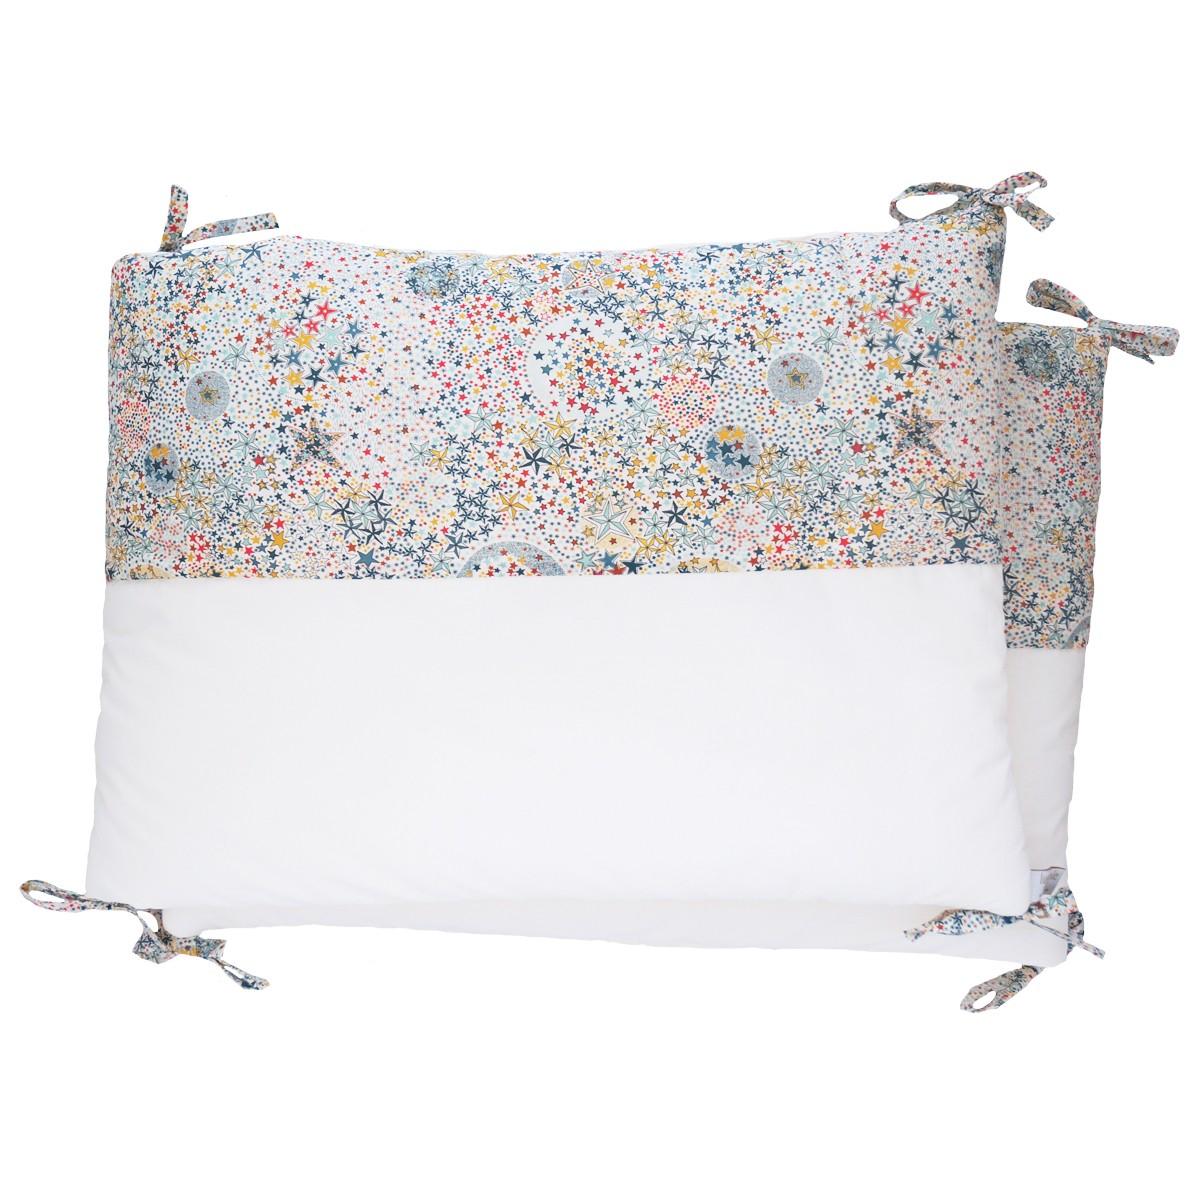 Tour de lit bébé garçon en liberty étoiles multicolores et percale de coton